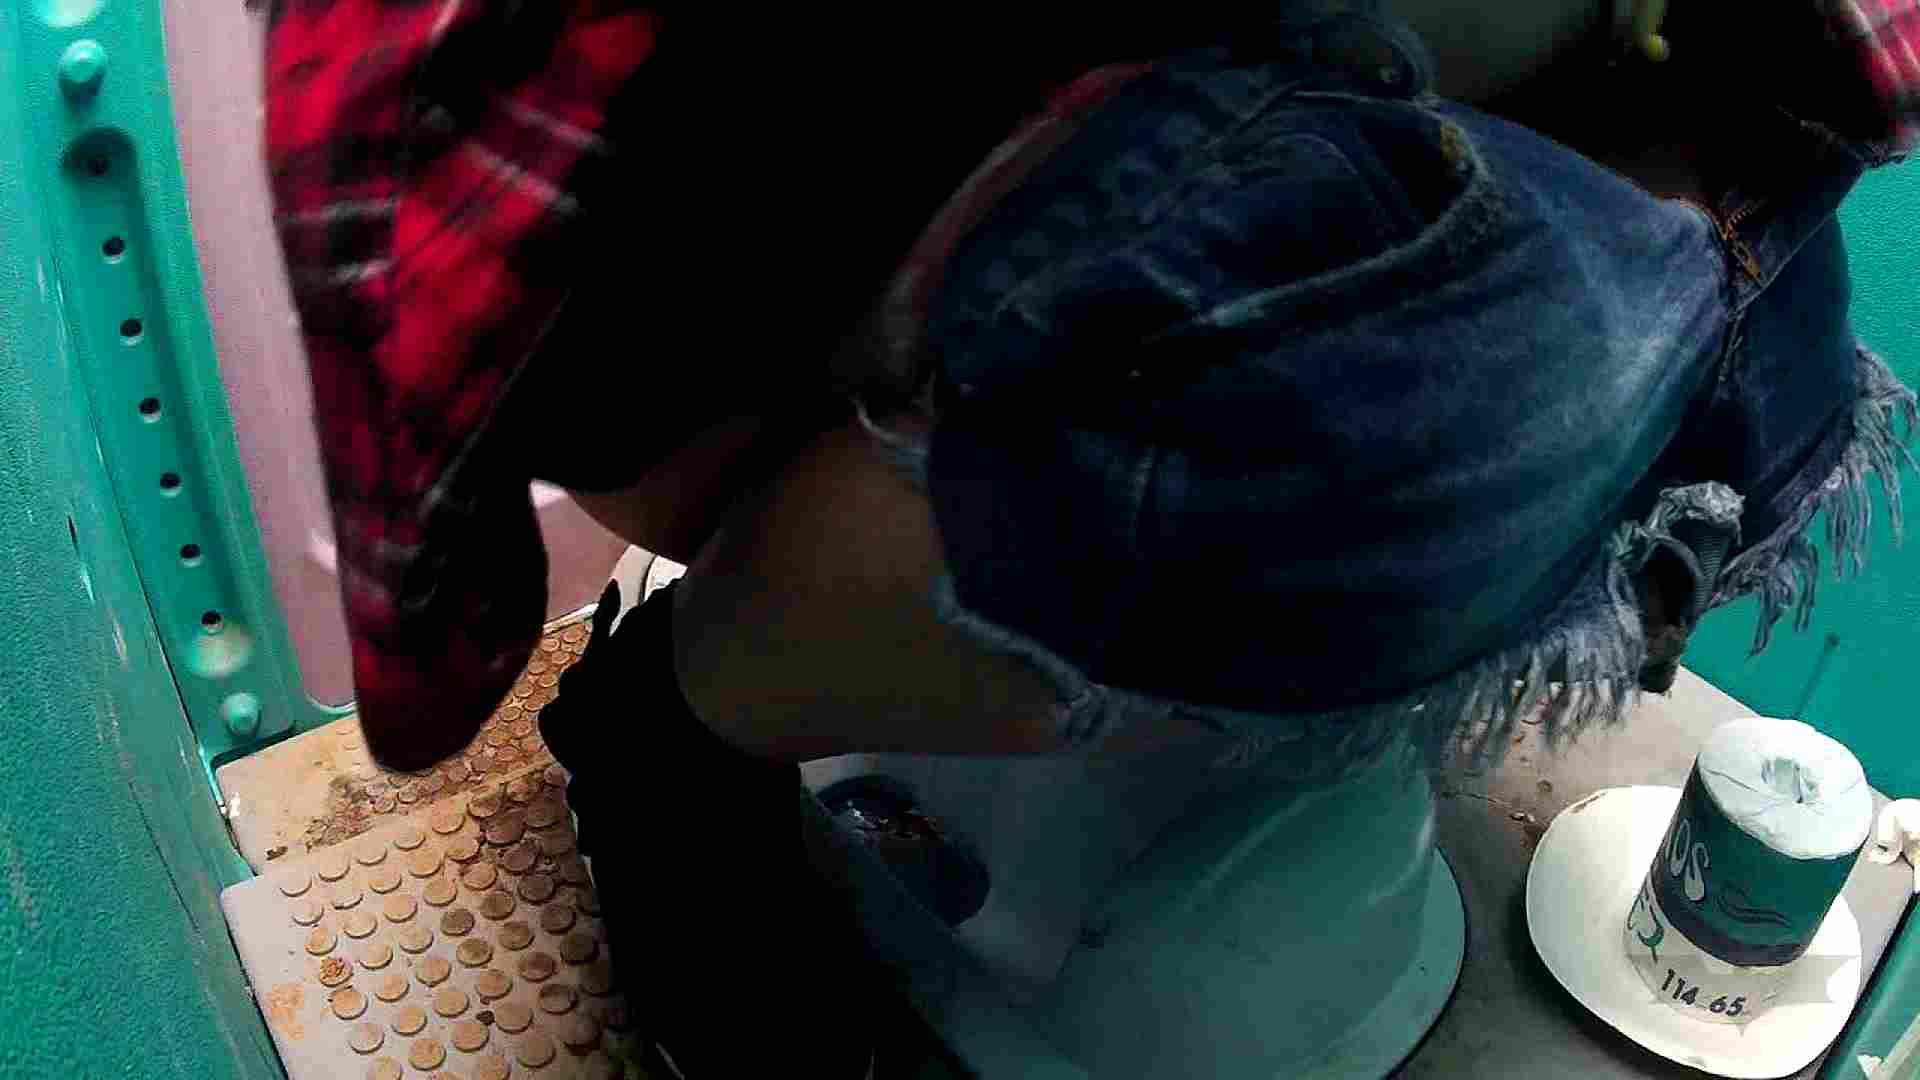 痴態洗面所 Vol.06 中が「マジヤバいヨネ!」洗面所 盛合せ | ギャル攻め  84画像 36